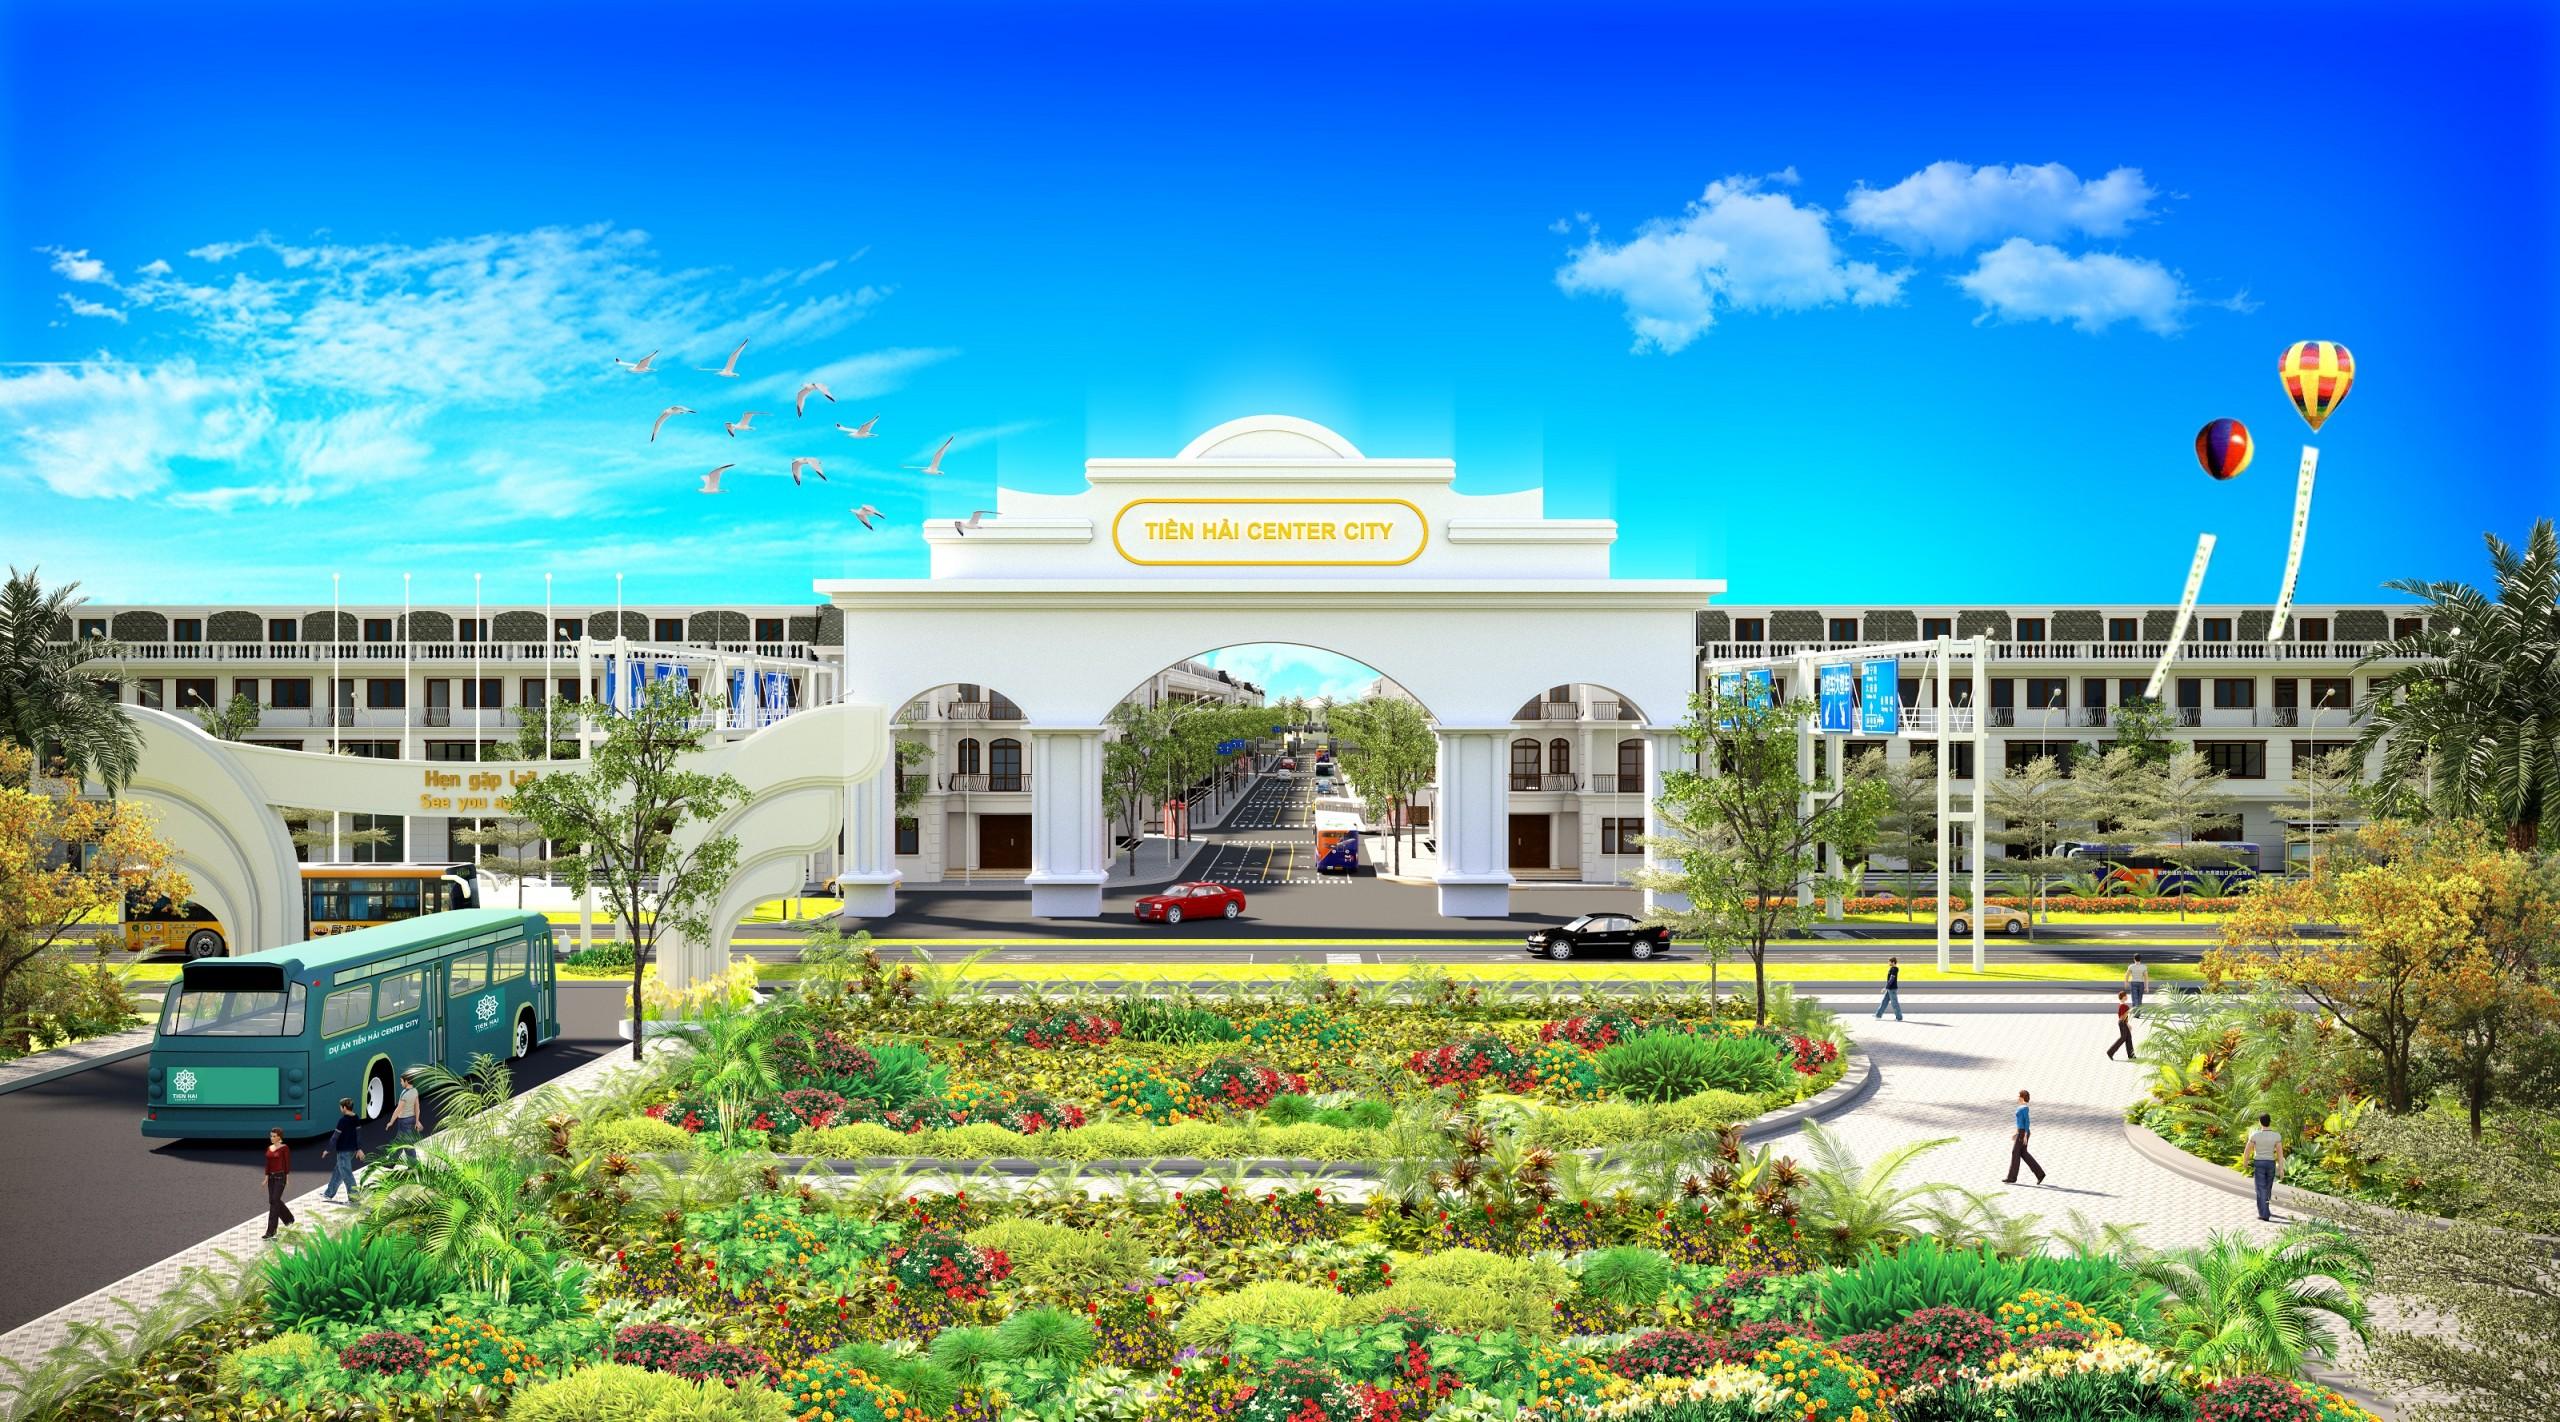 Thái Bình: Sắp ra mắt tâm điểm đầu tư bất động sản Tiền Hải Center City